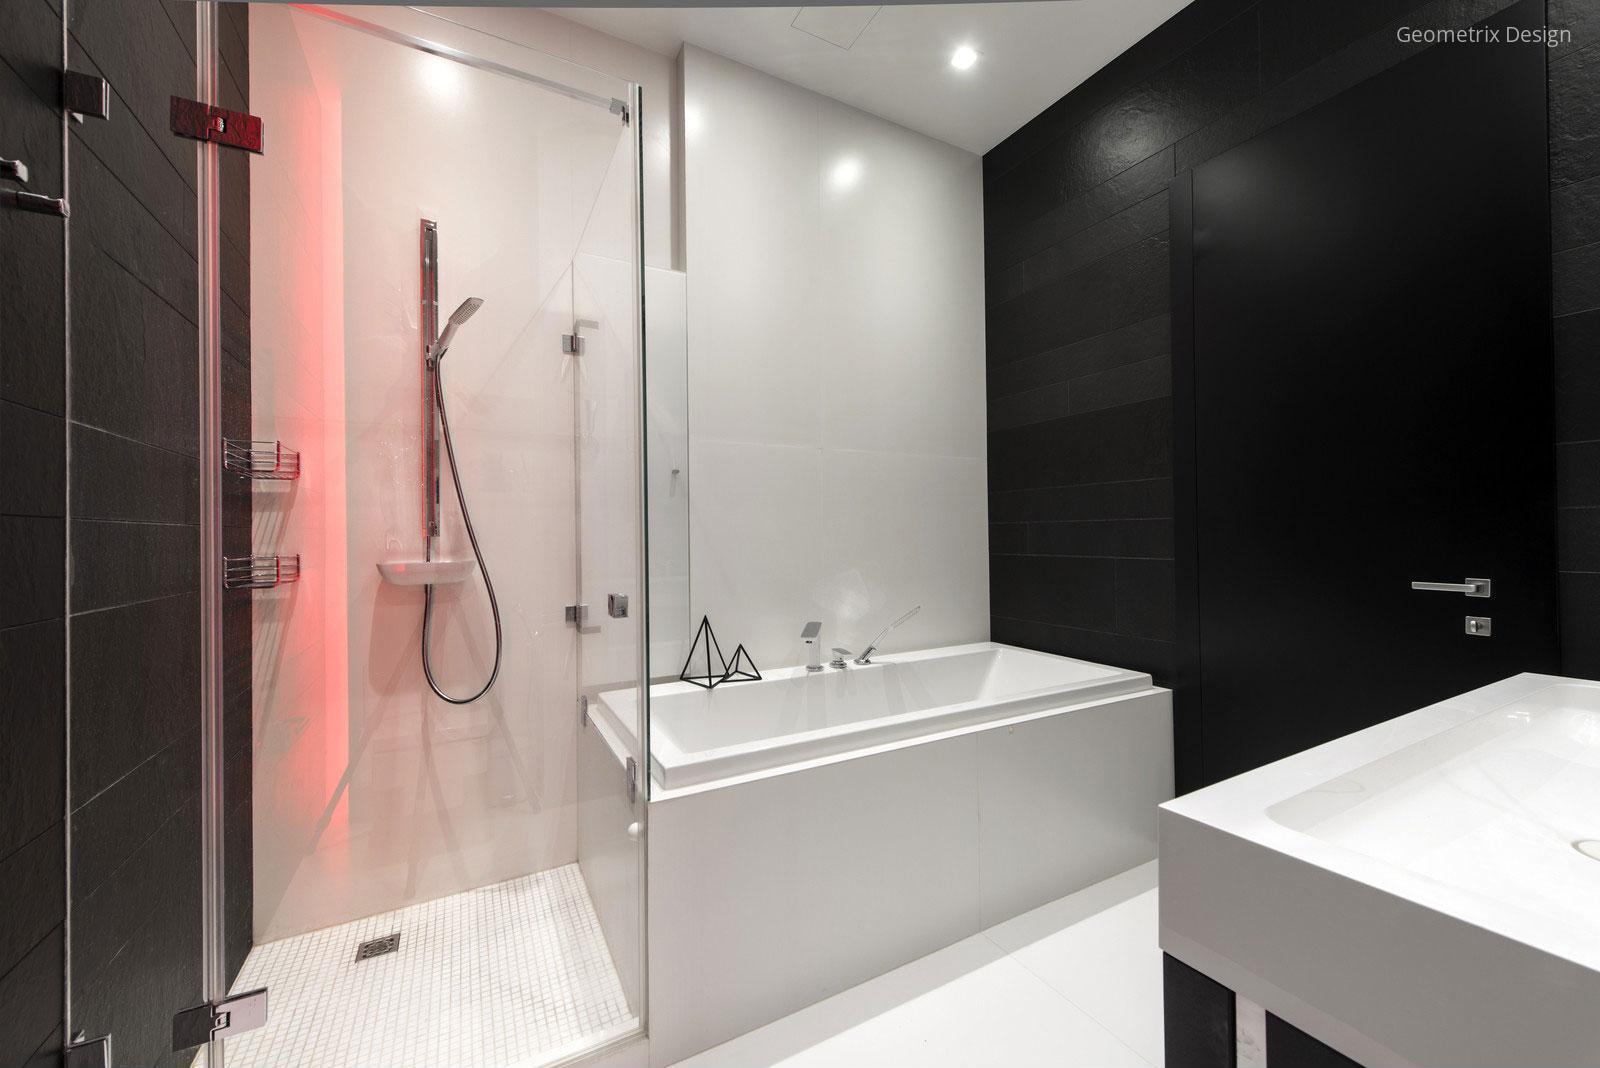 Fekete fehér fürdőszoba // HOMEINFO.hu - Inspirációtár